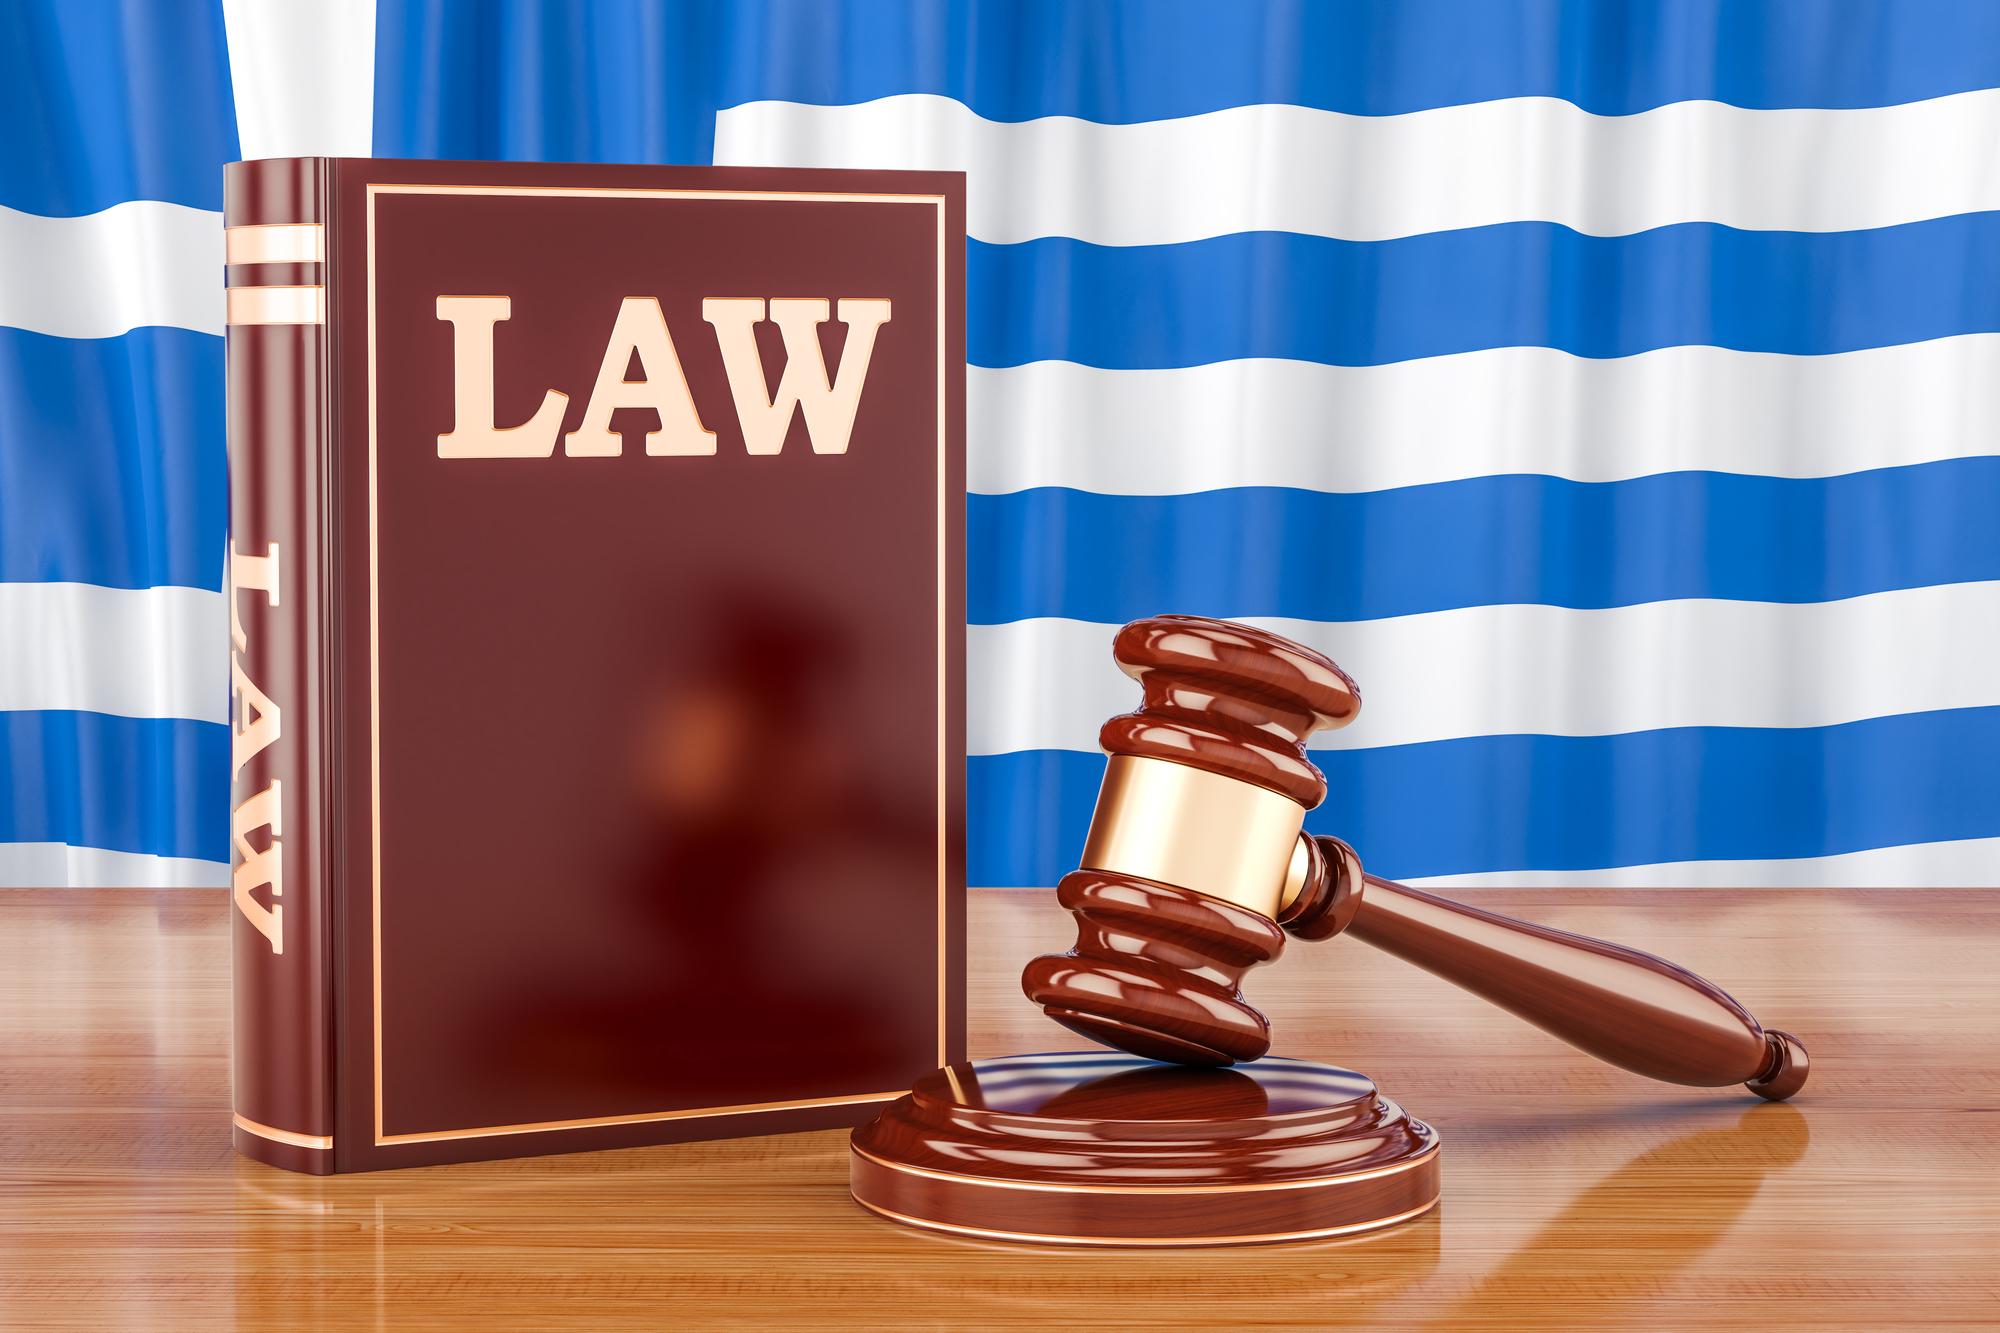 法律の本とガベル